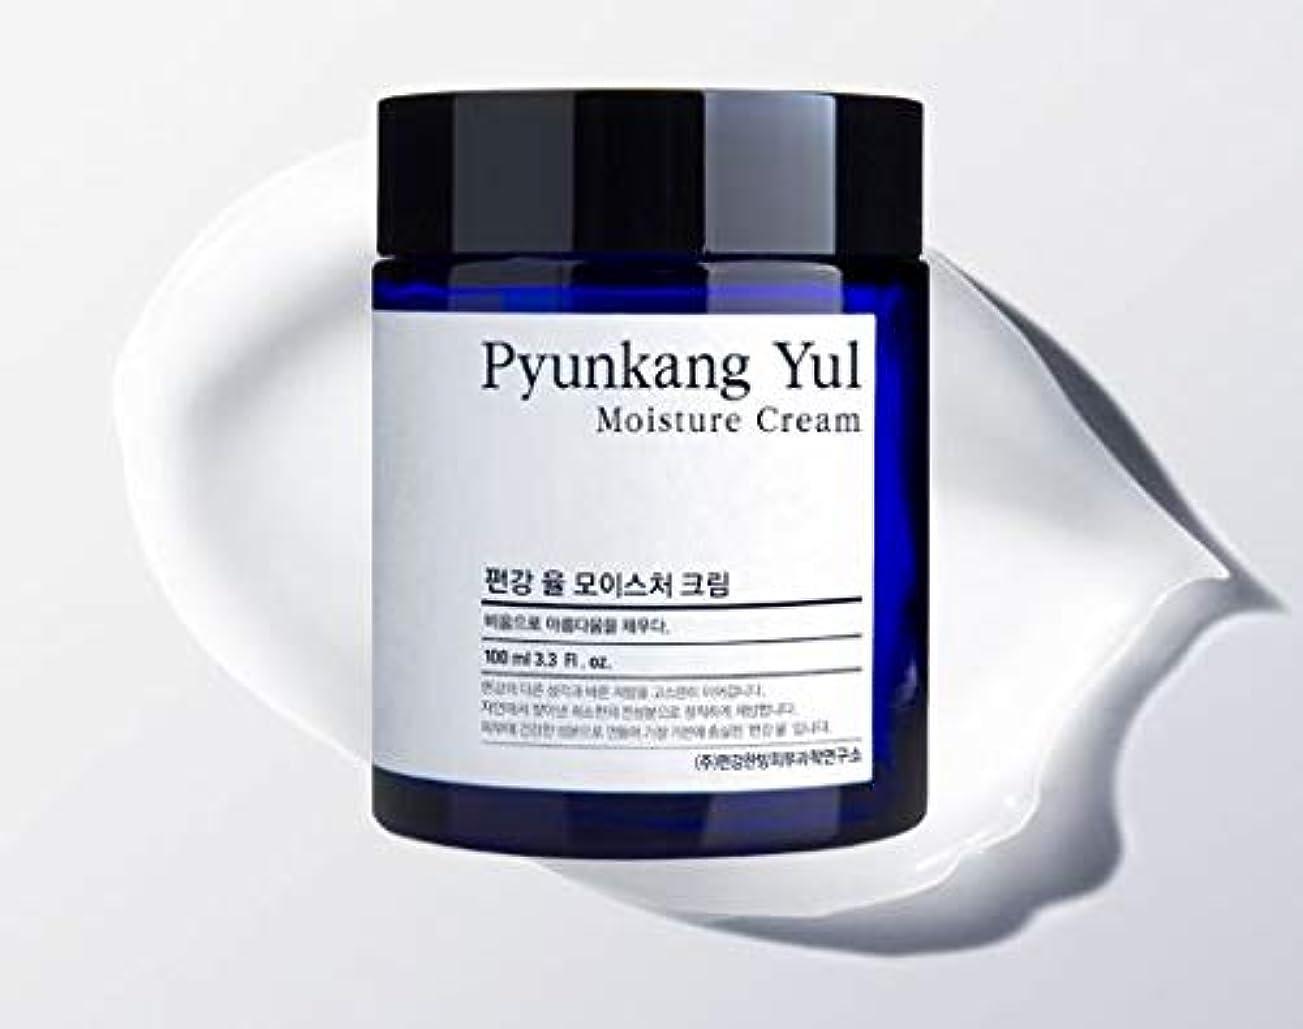 マイクロフォン答えスコア[Pyunkang Yul] Moisture Cream 100ml /モイスチャークリーム 100ml [並行輸入品]